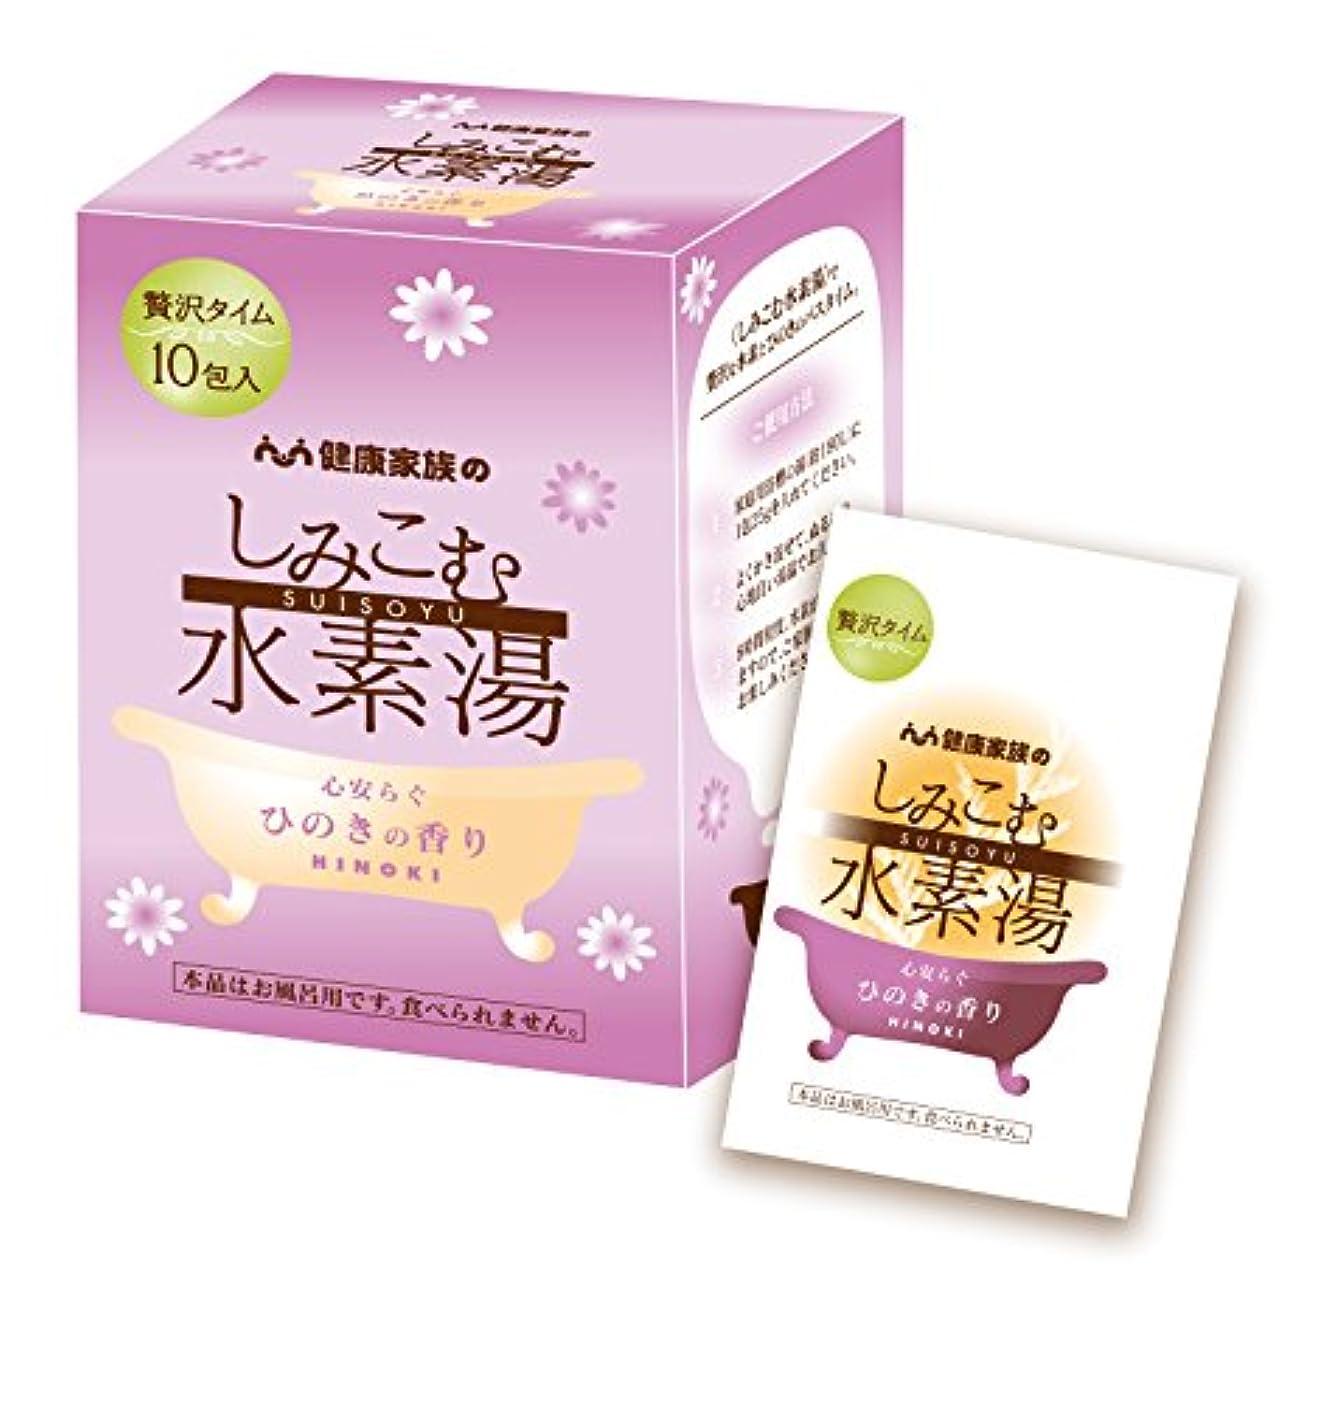 コック罪人特別に【健康家族】しみこむ水素湯 【30包セット】 (25g×30包)